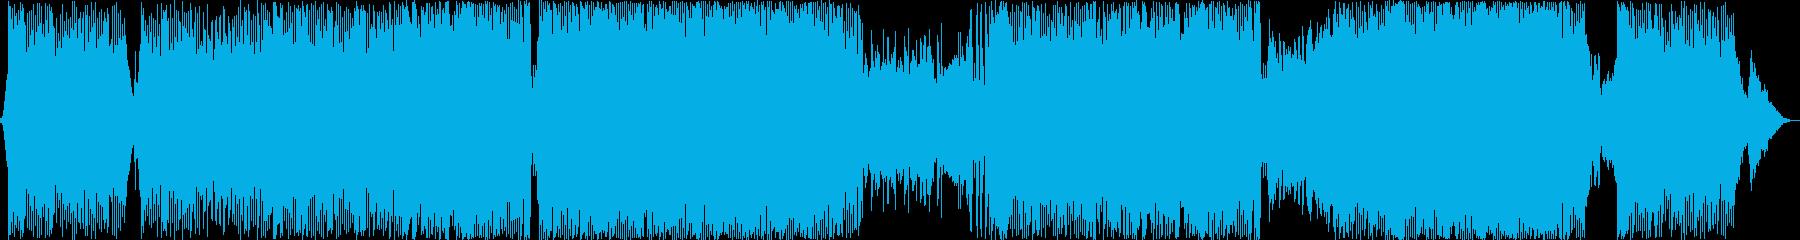 心地よく流れるバイオリンBGM の再生済みの波形